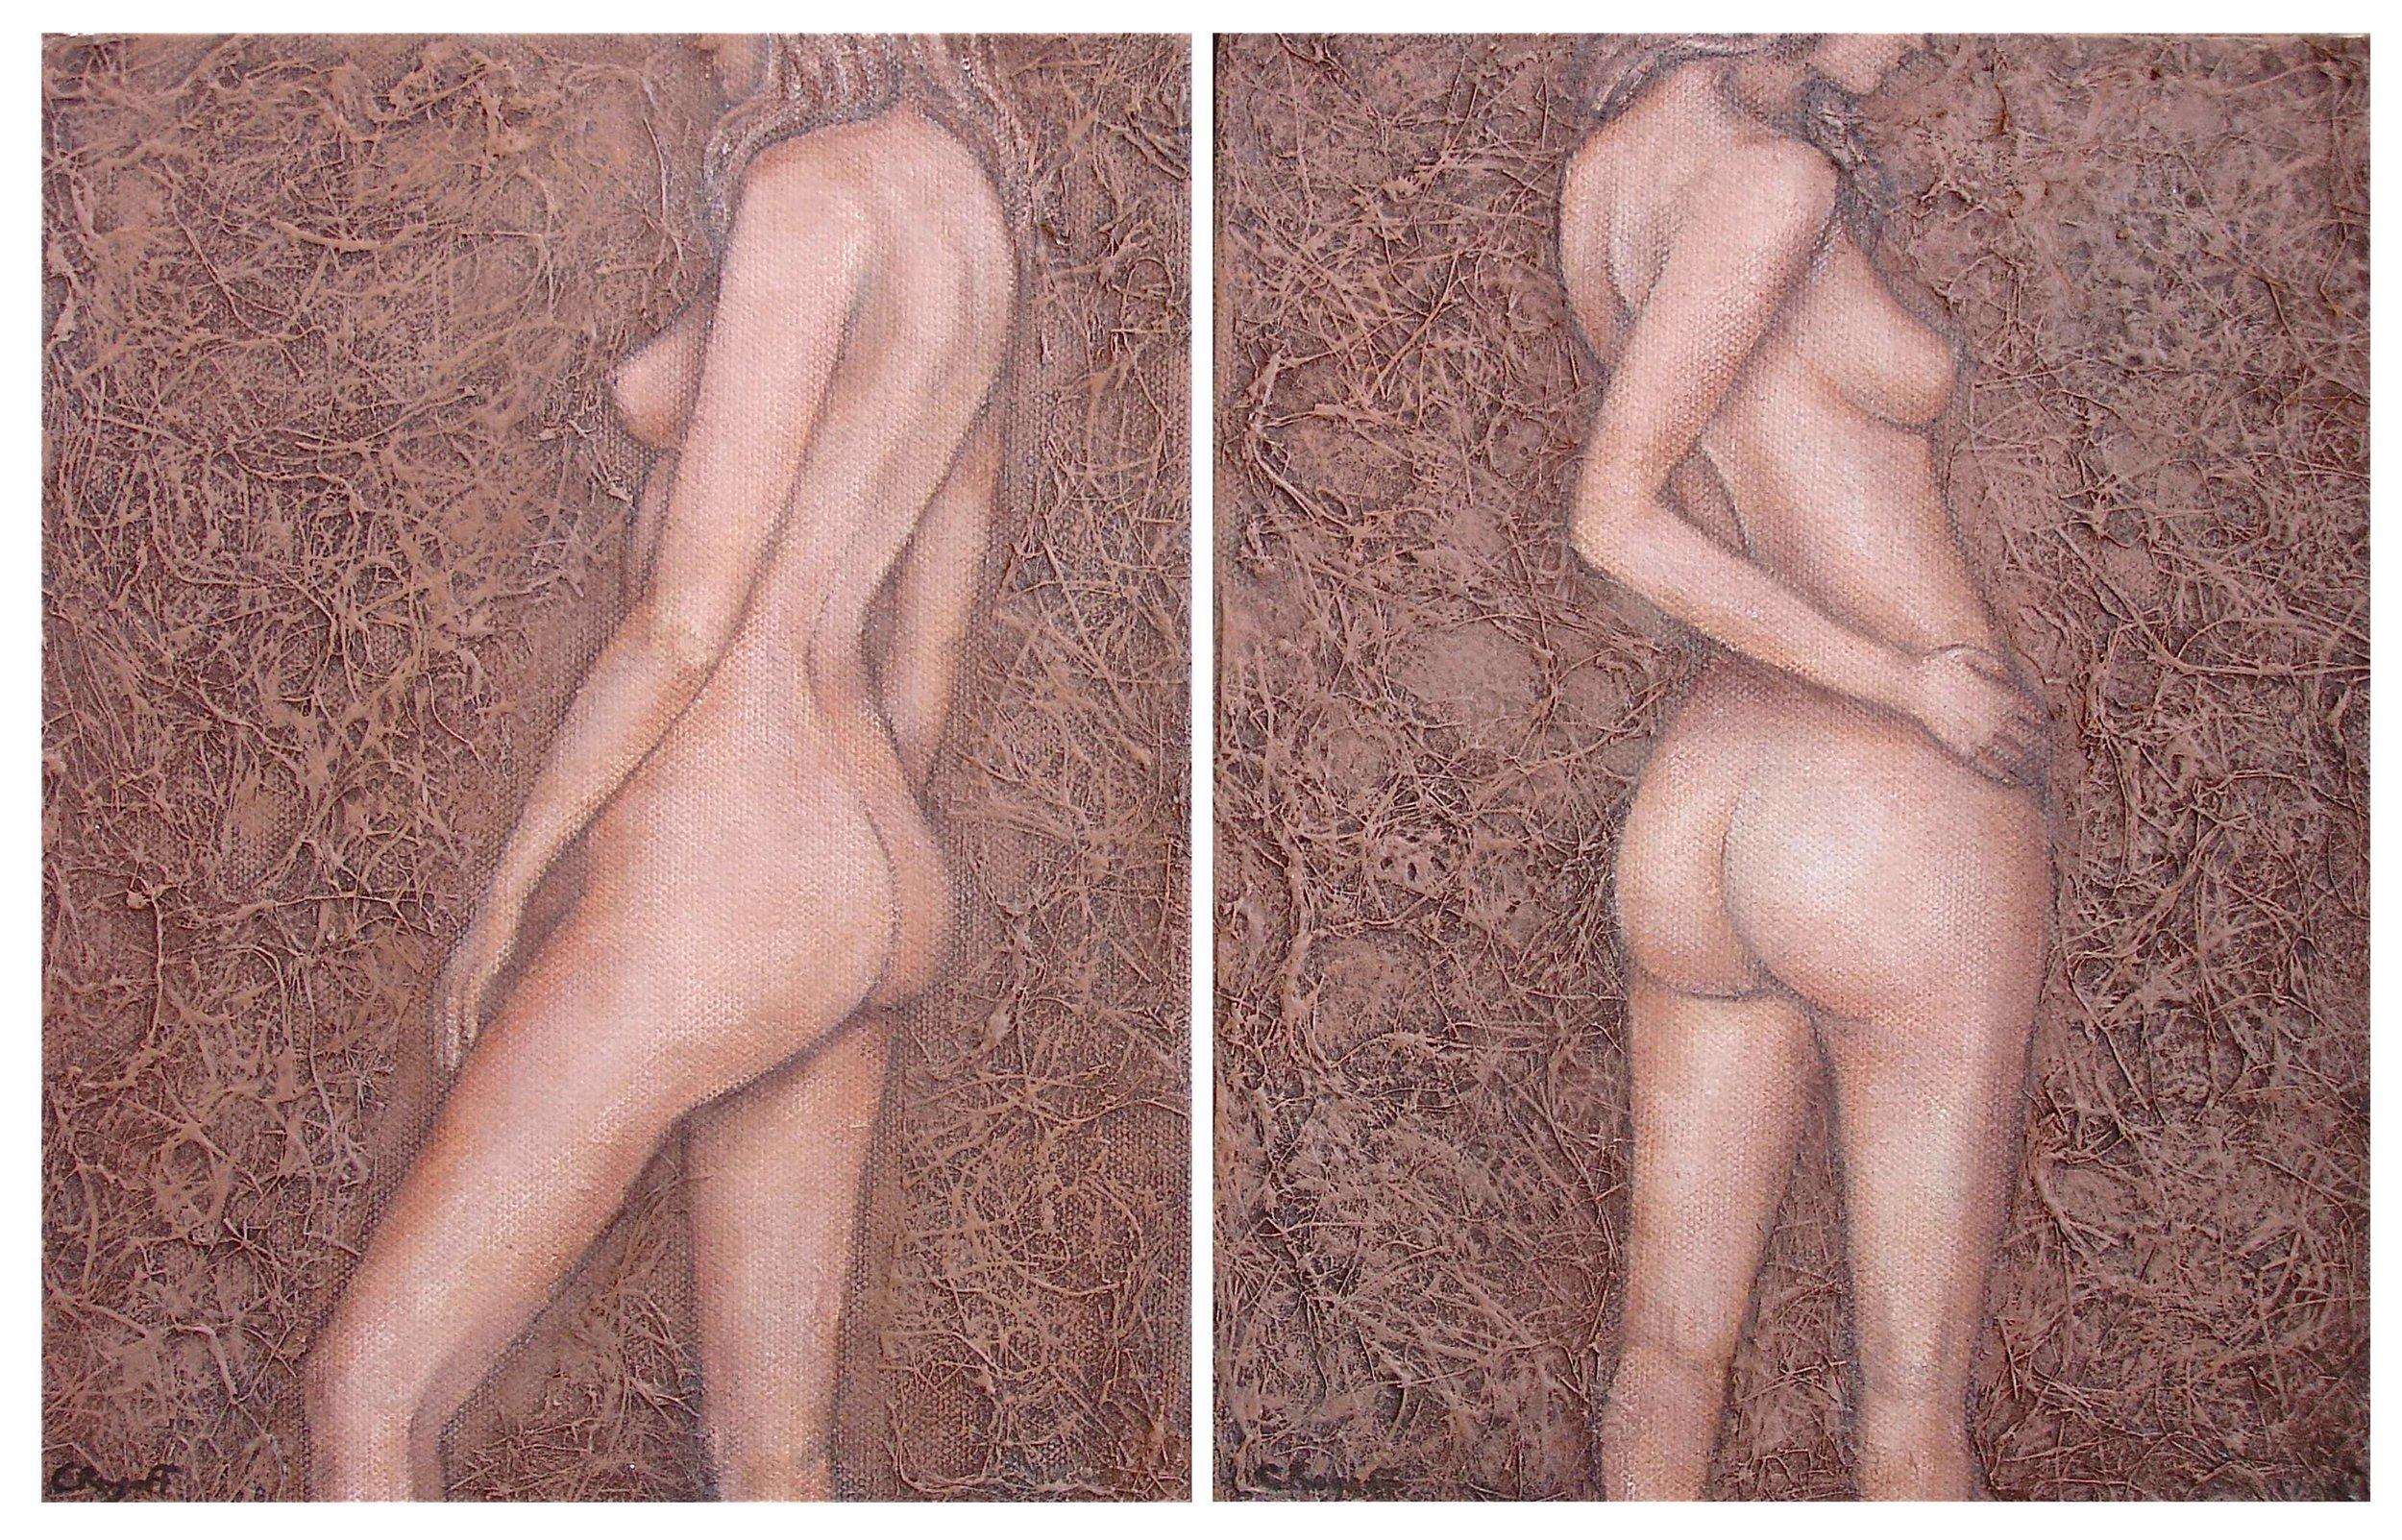 Impression & Expression 20 x 30cm each